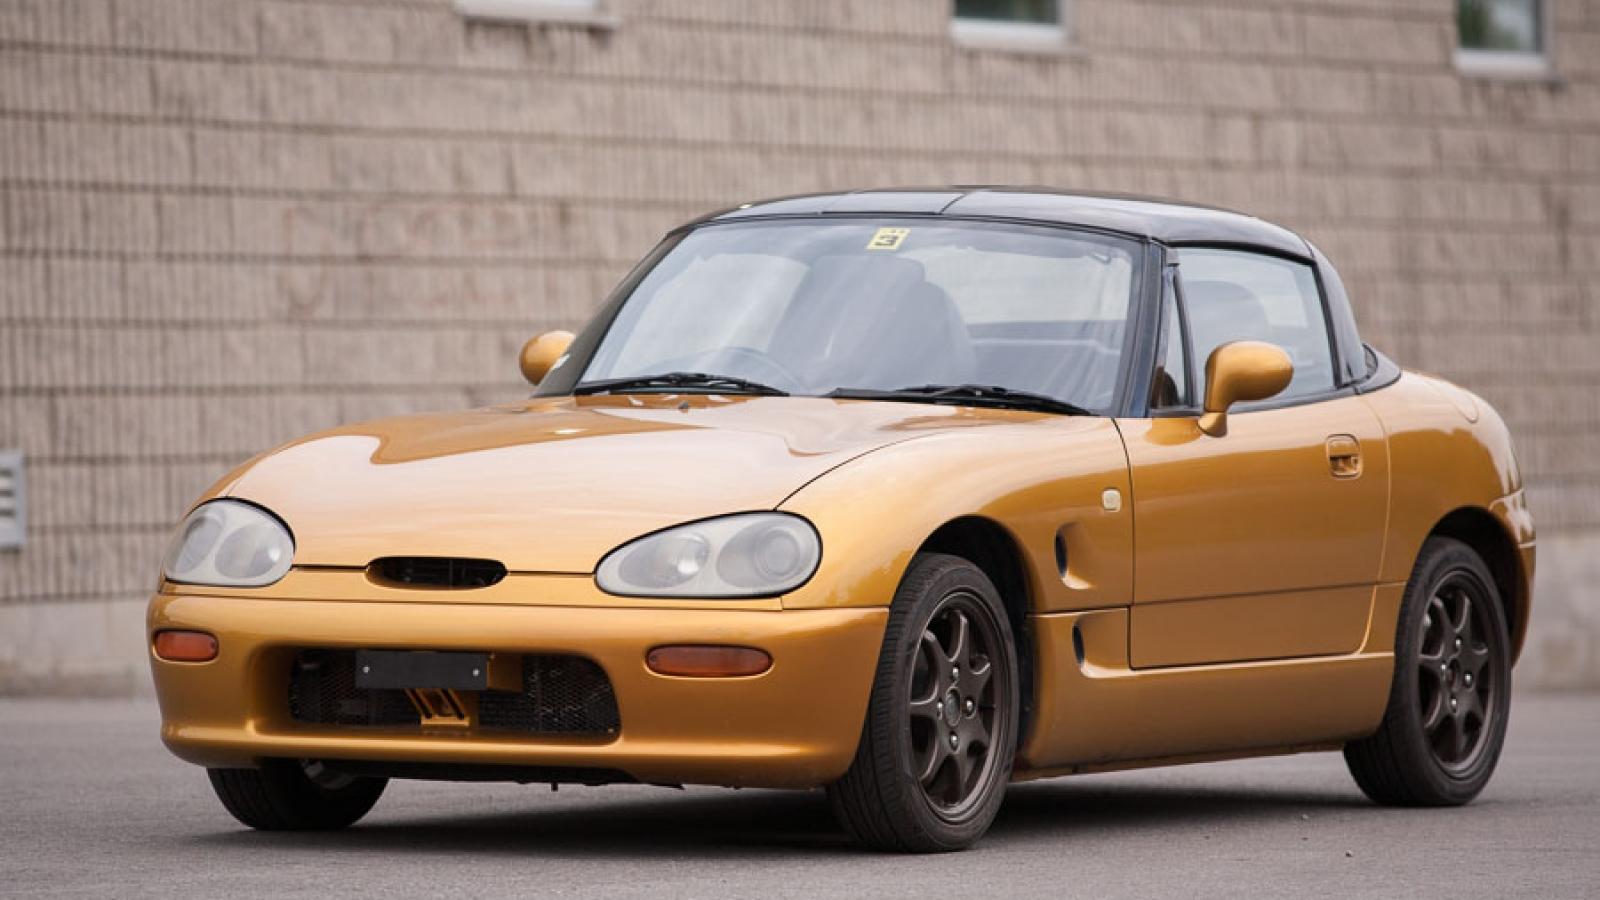 سوزوکی کاپوچینو - اجاره خودرو